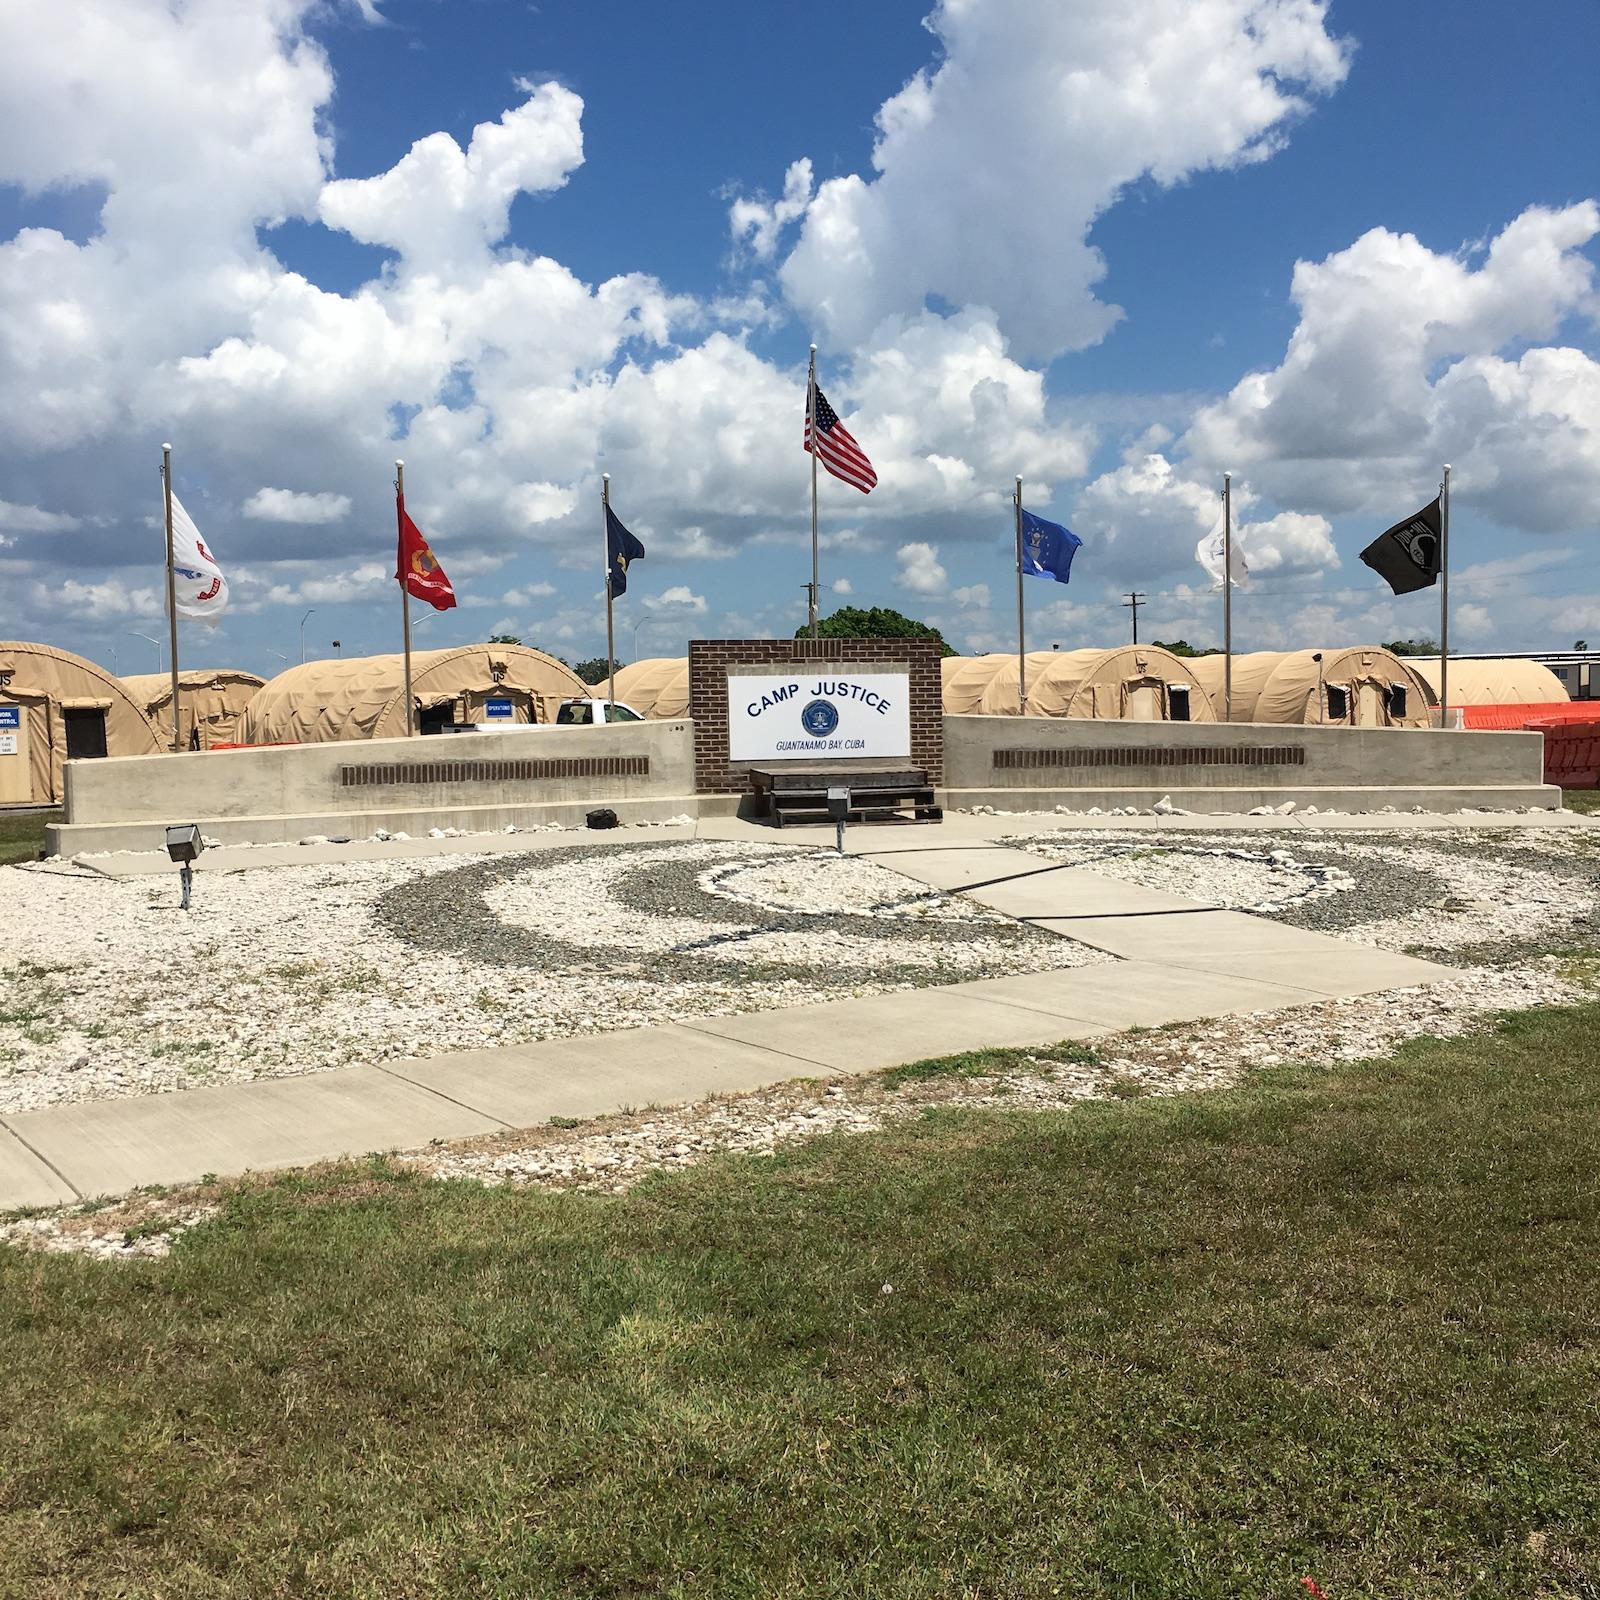 Camp Justice at Guantanamo Bay Naval Base